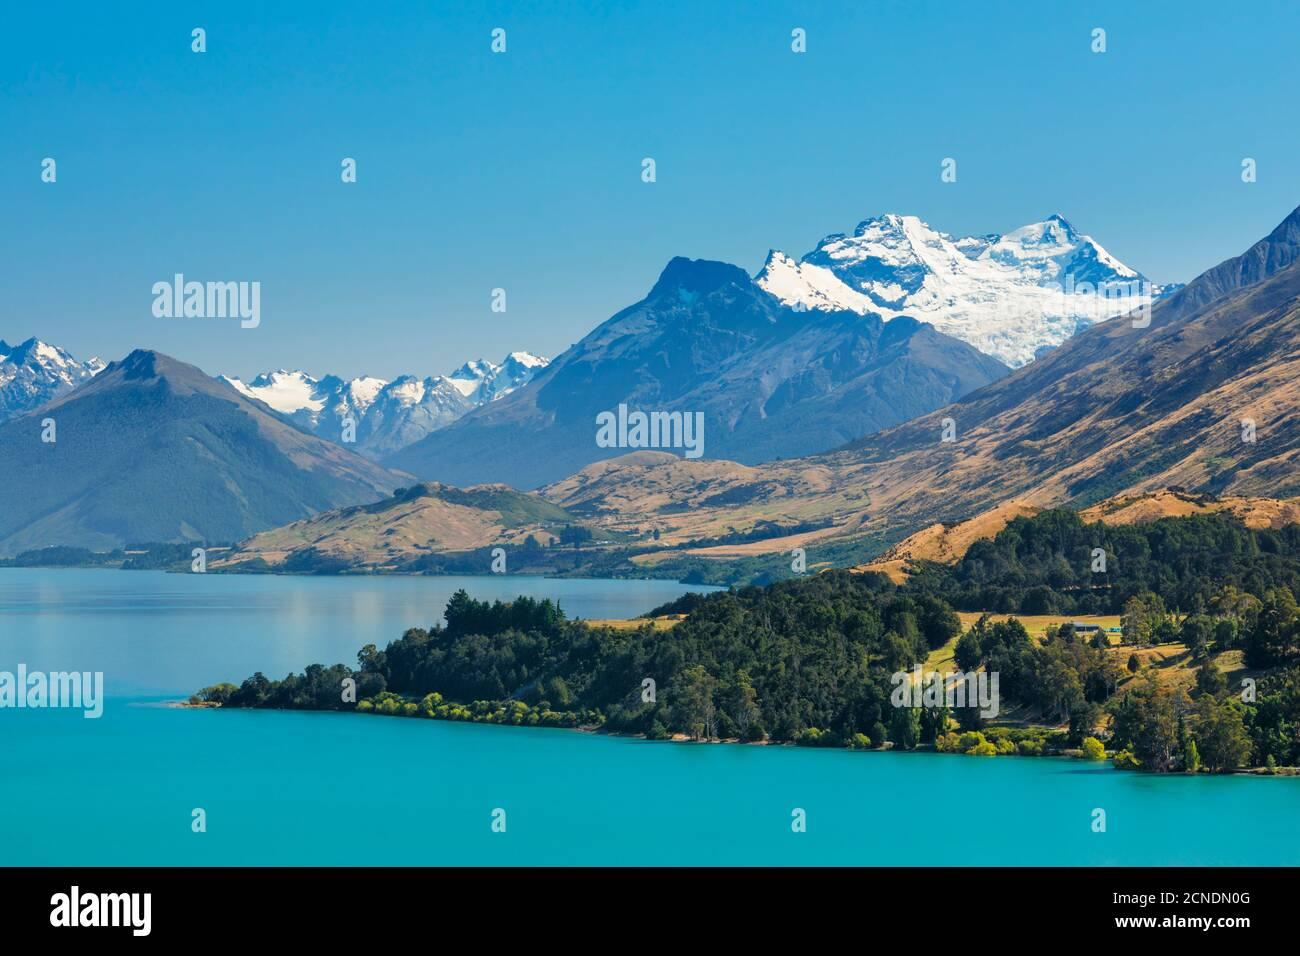 Lago Wakatipu e innevato Monte Earnslaw, Queenstown, Otago, Isola del Sud, Nuova Zelanda, Pacifico Foto Stock